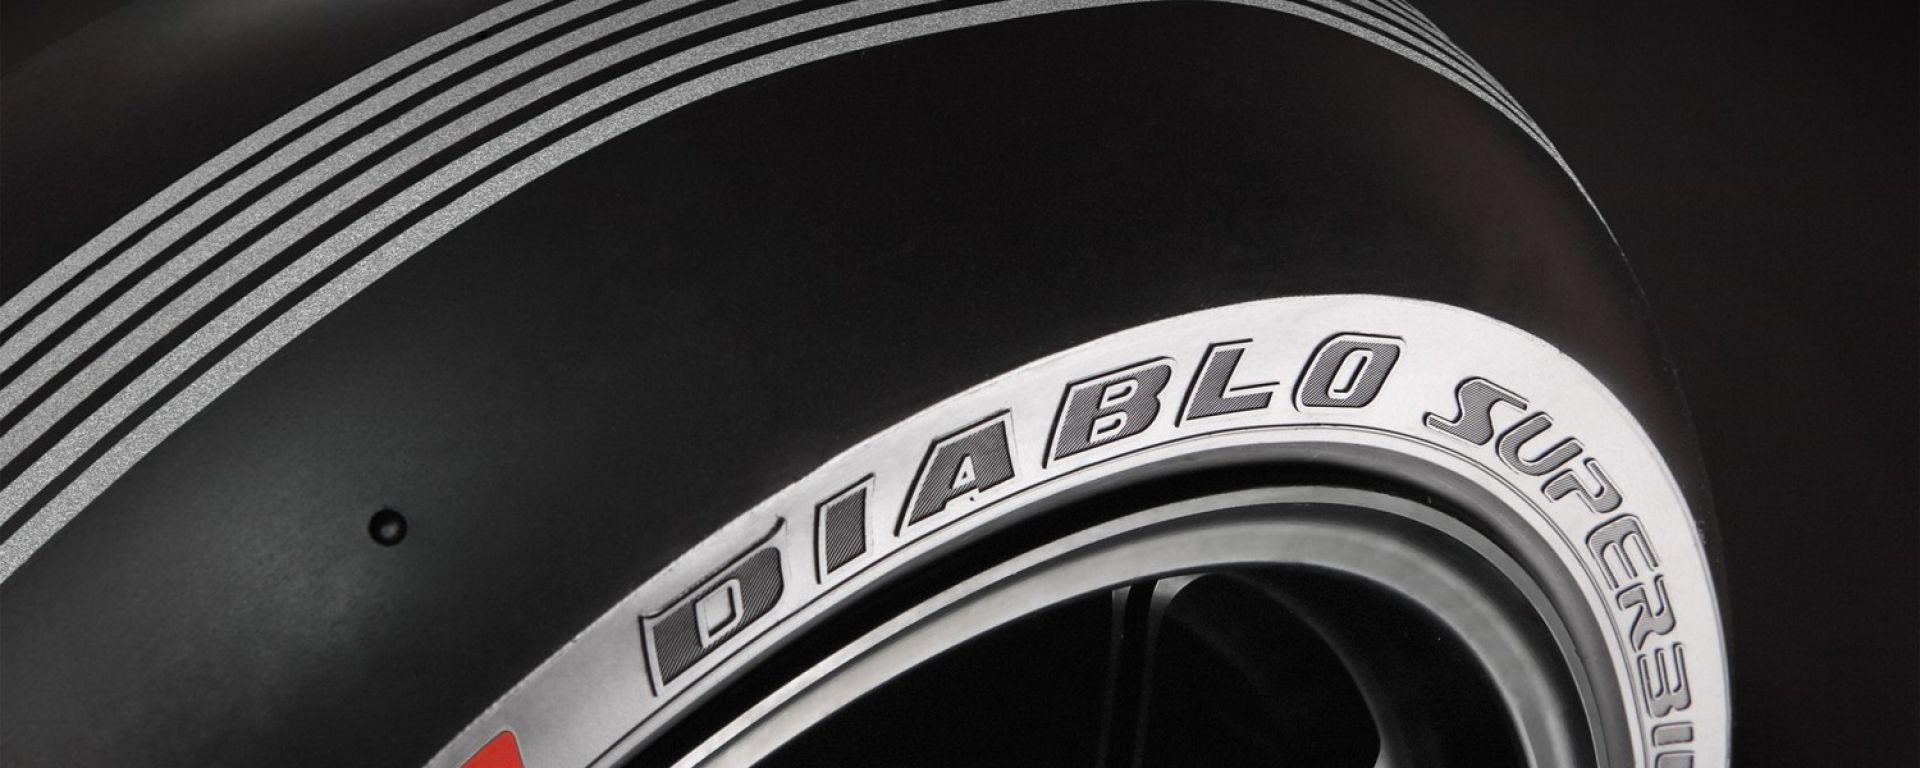 Pirelli, un Diablo speciale per i 25 anni della SBK